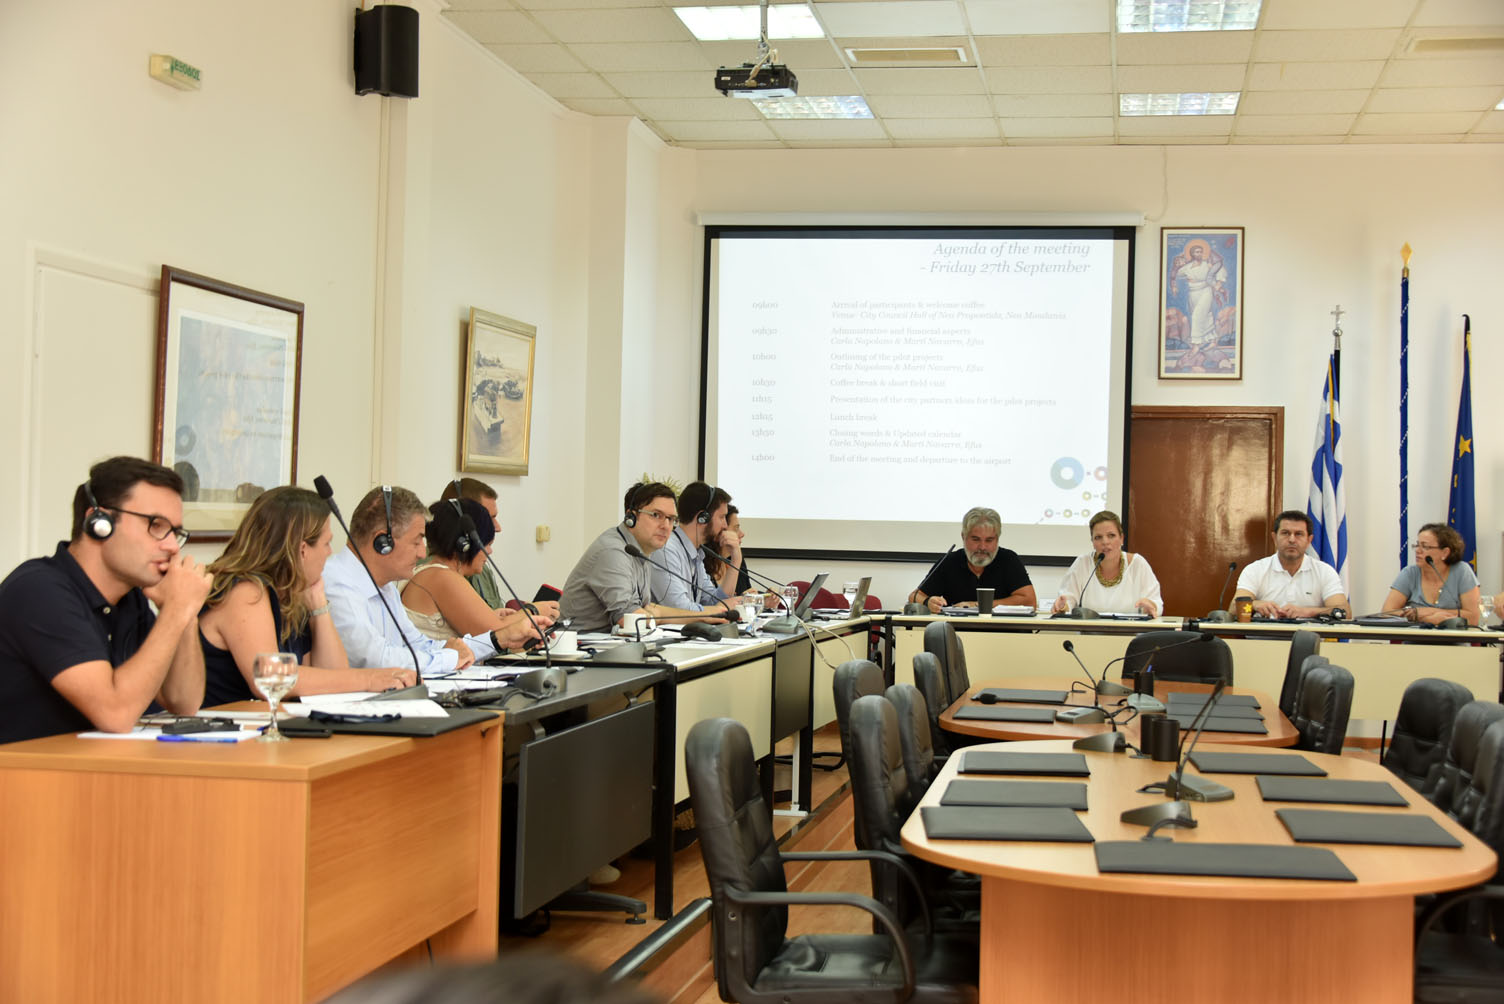 """Ξεκίνησε η 2η συνάντηση εργασίας του Ευρωπαϊκού Προγράμματος """"MATCH-SPORT- Make Amateur Sport Tolerant Eliminating Discrimination"""""""